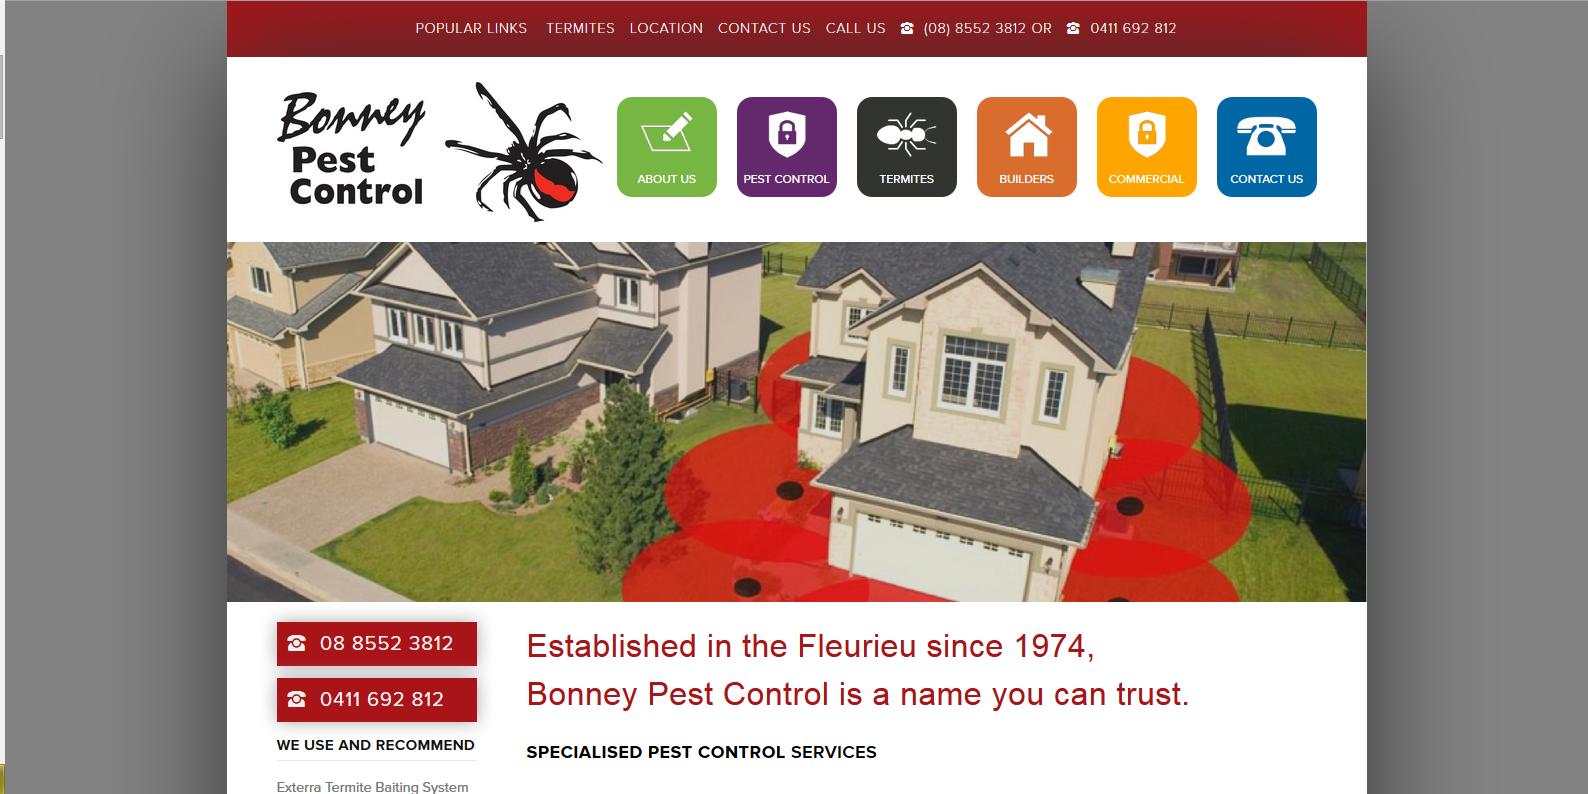 Bonney Pest Control